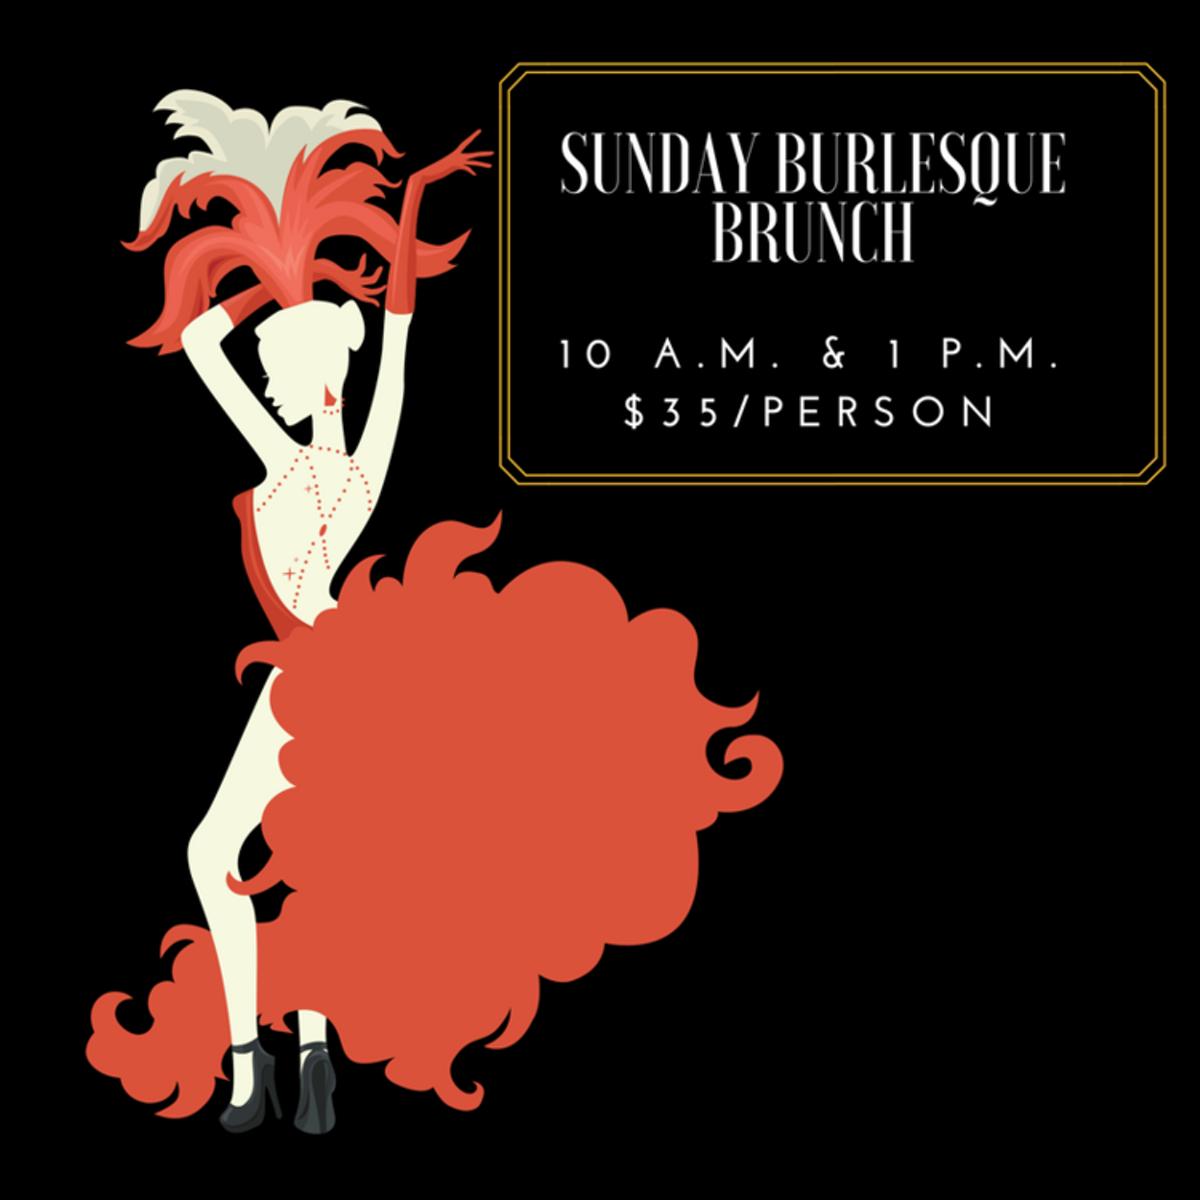 burlesque_brunch.png